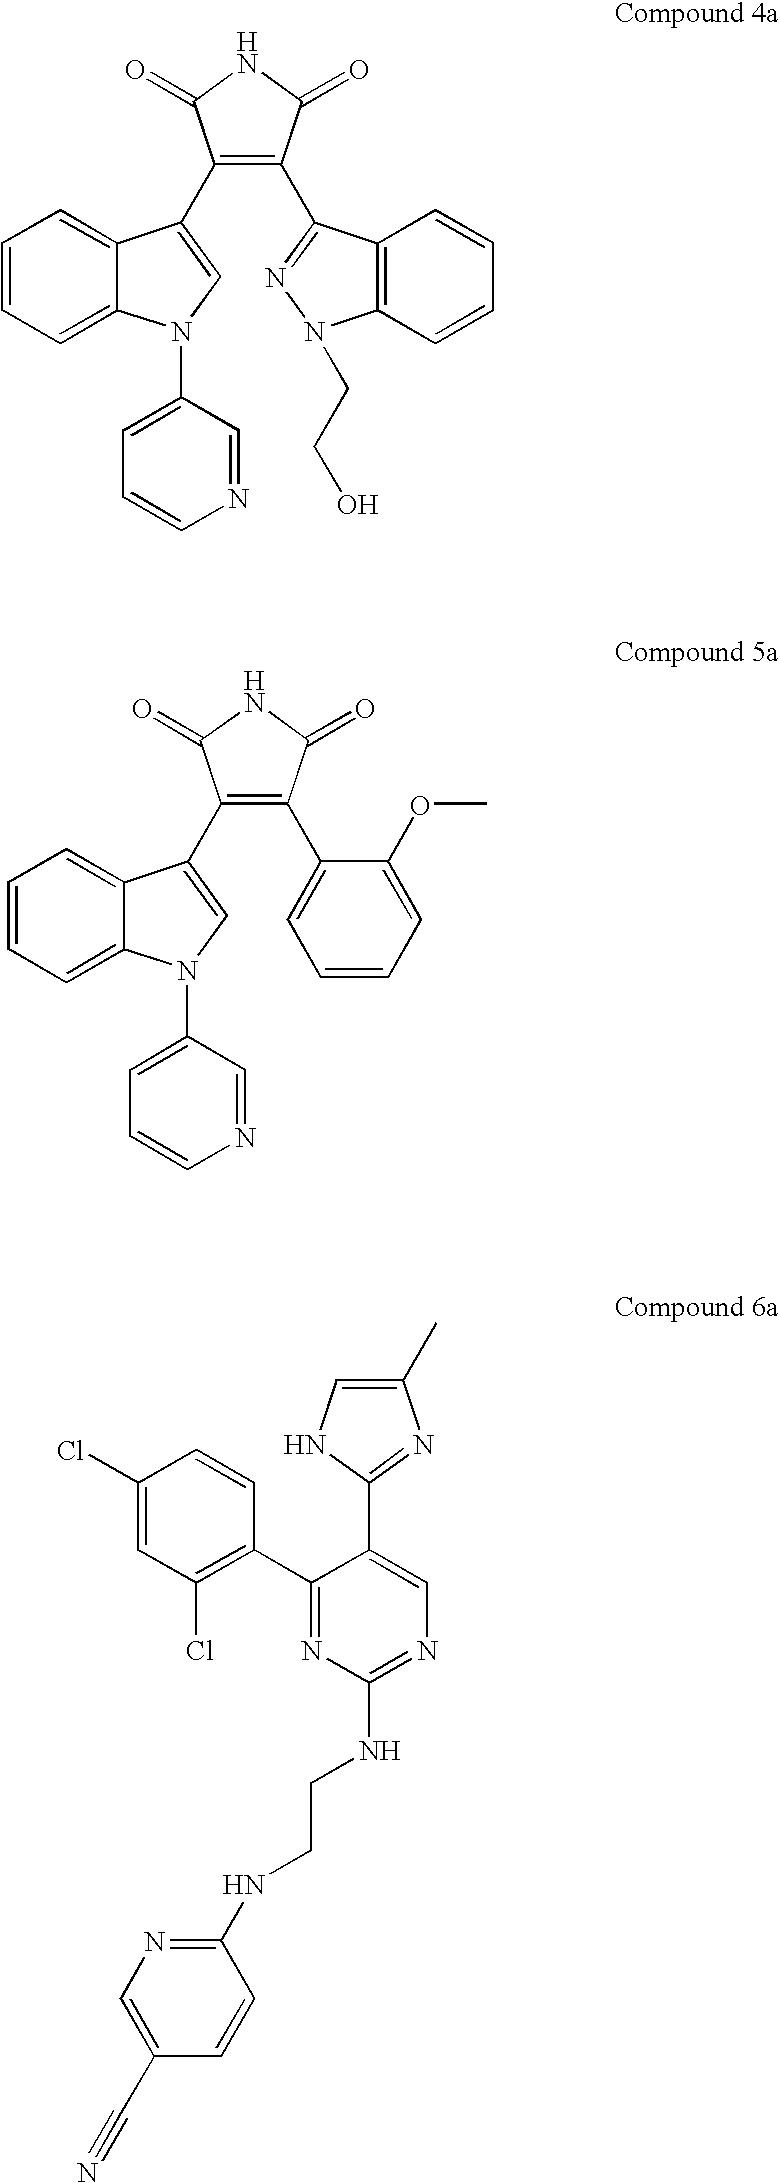 Figure US20090325293A1-20091231-C00019